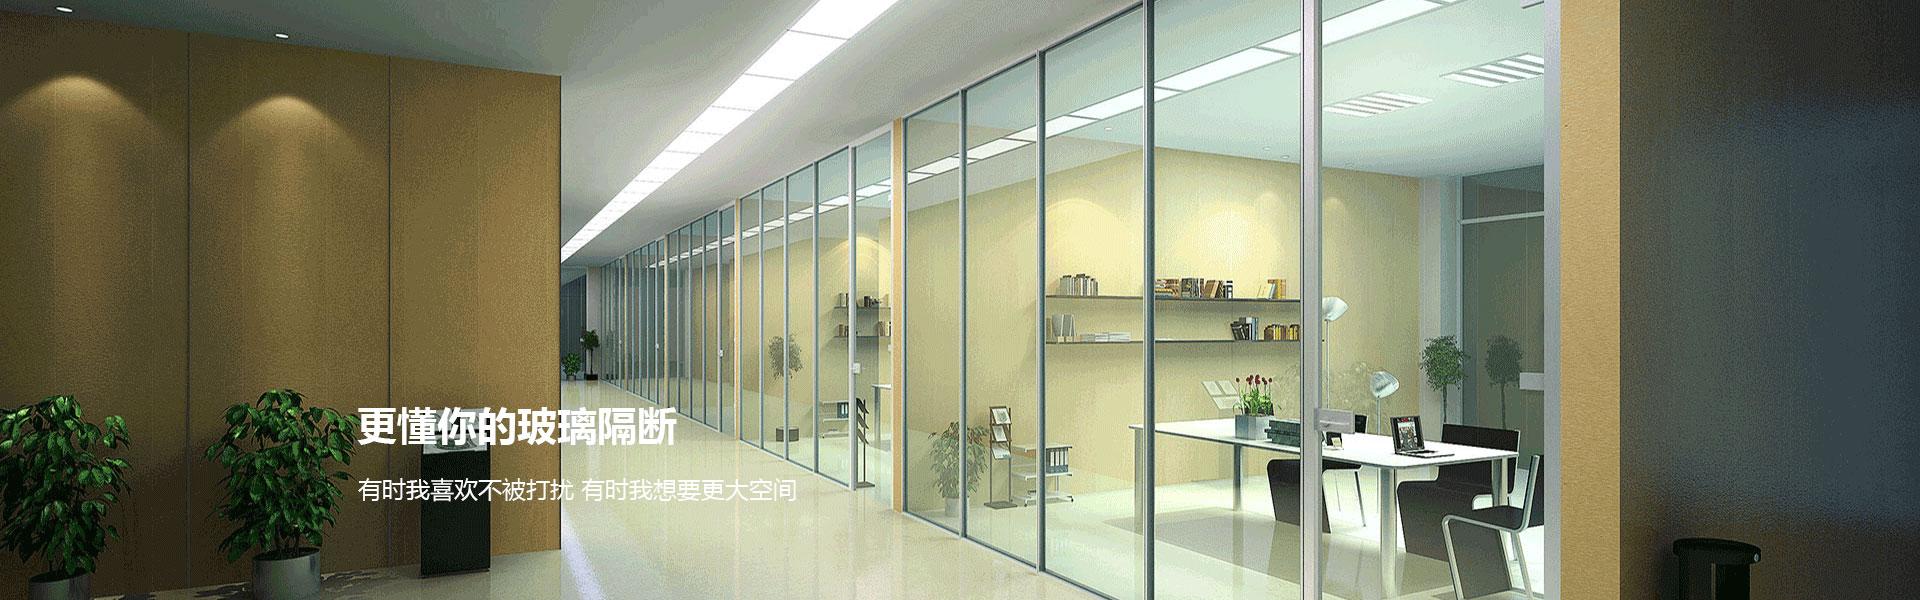 上海雾化玻璃